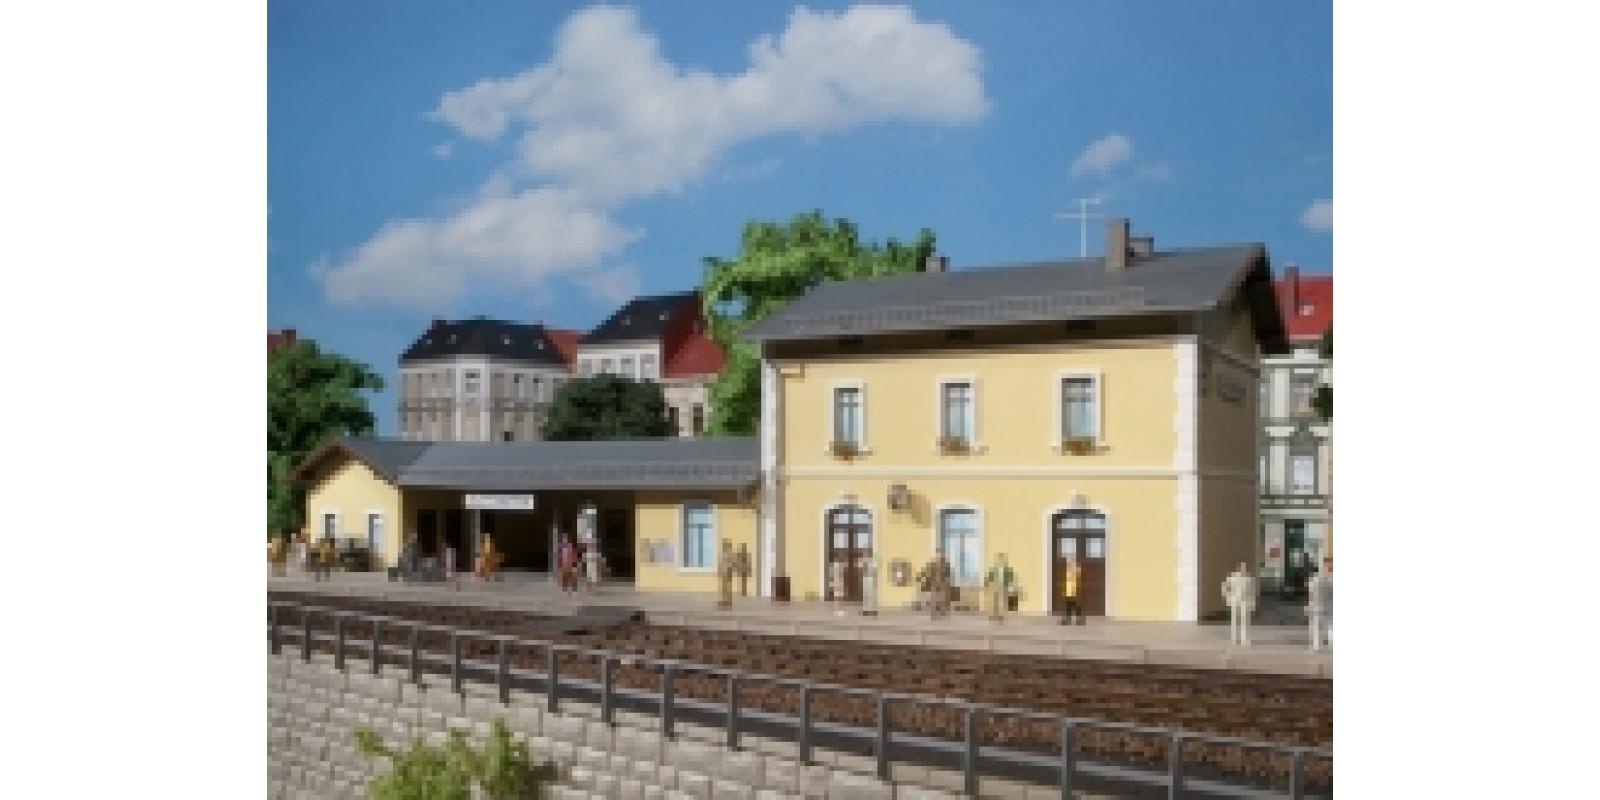 AU11368 Flöhatal station